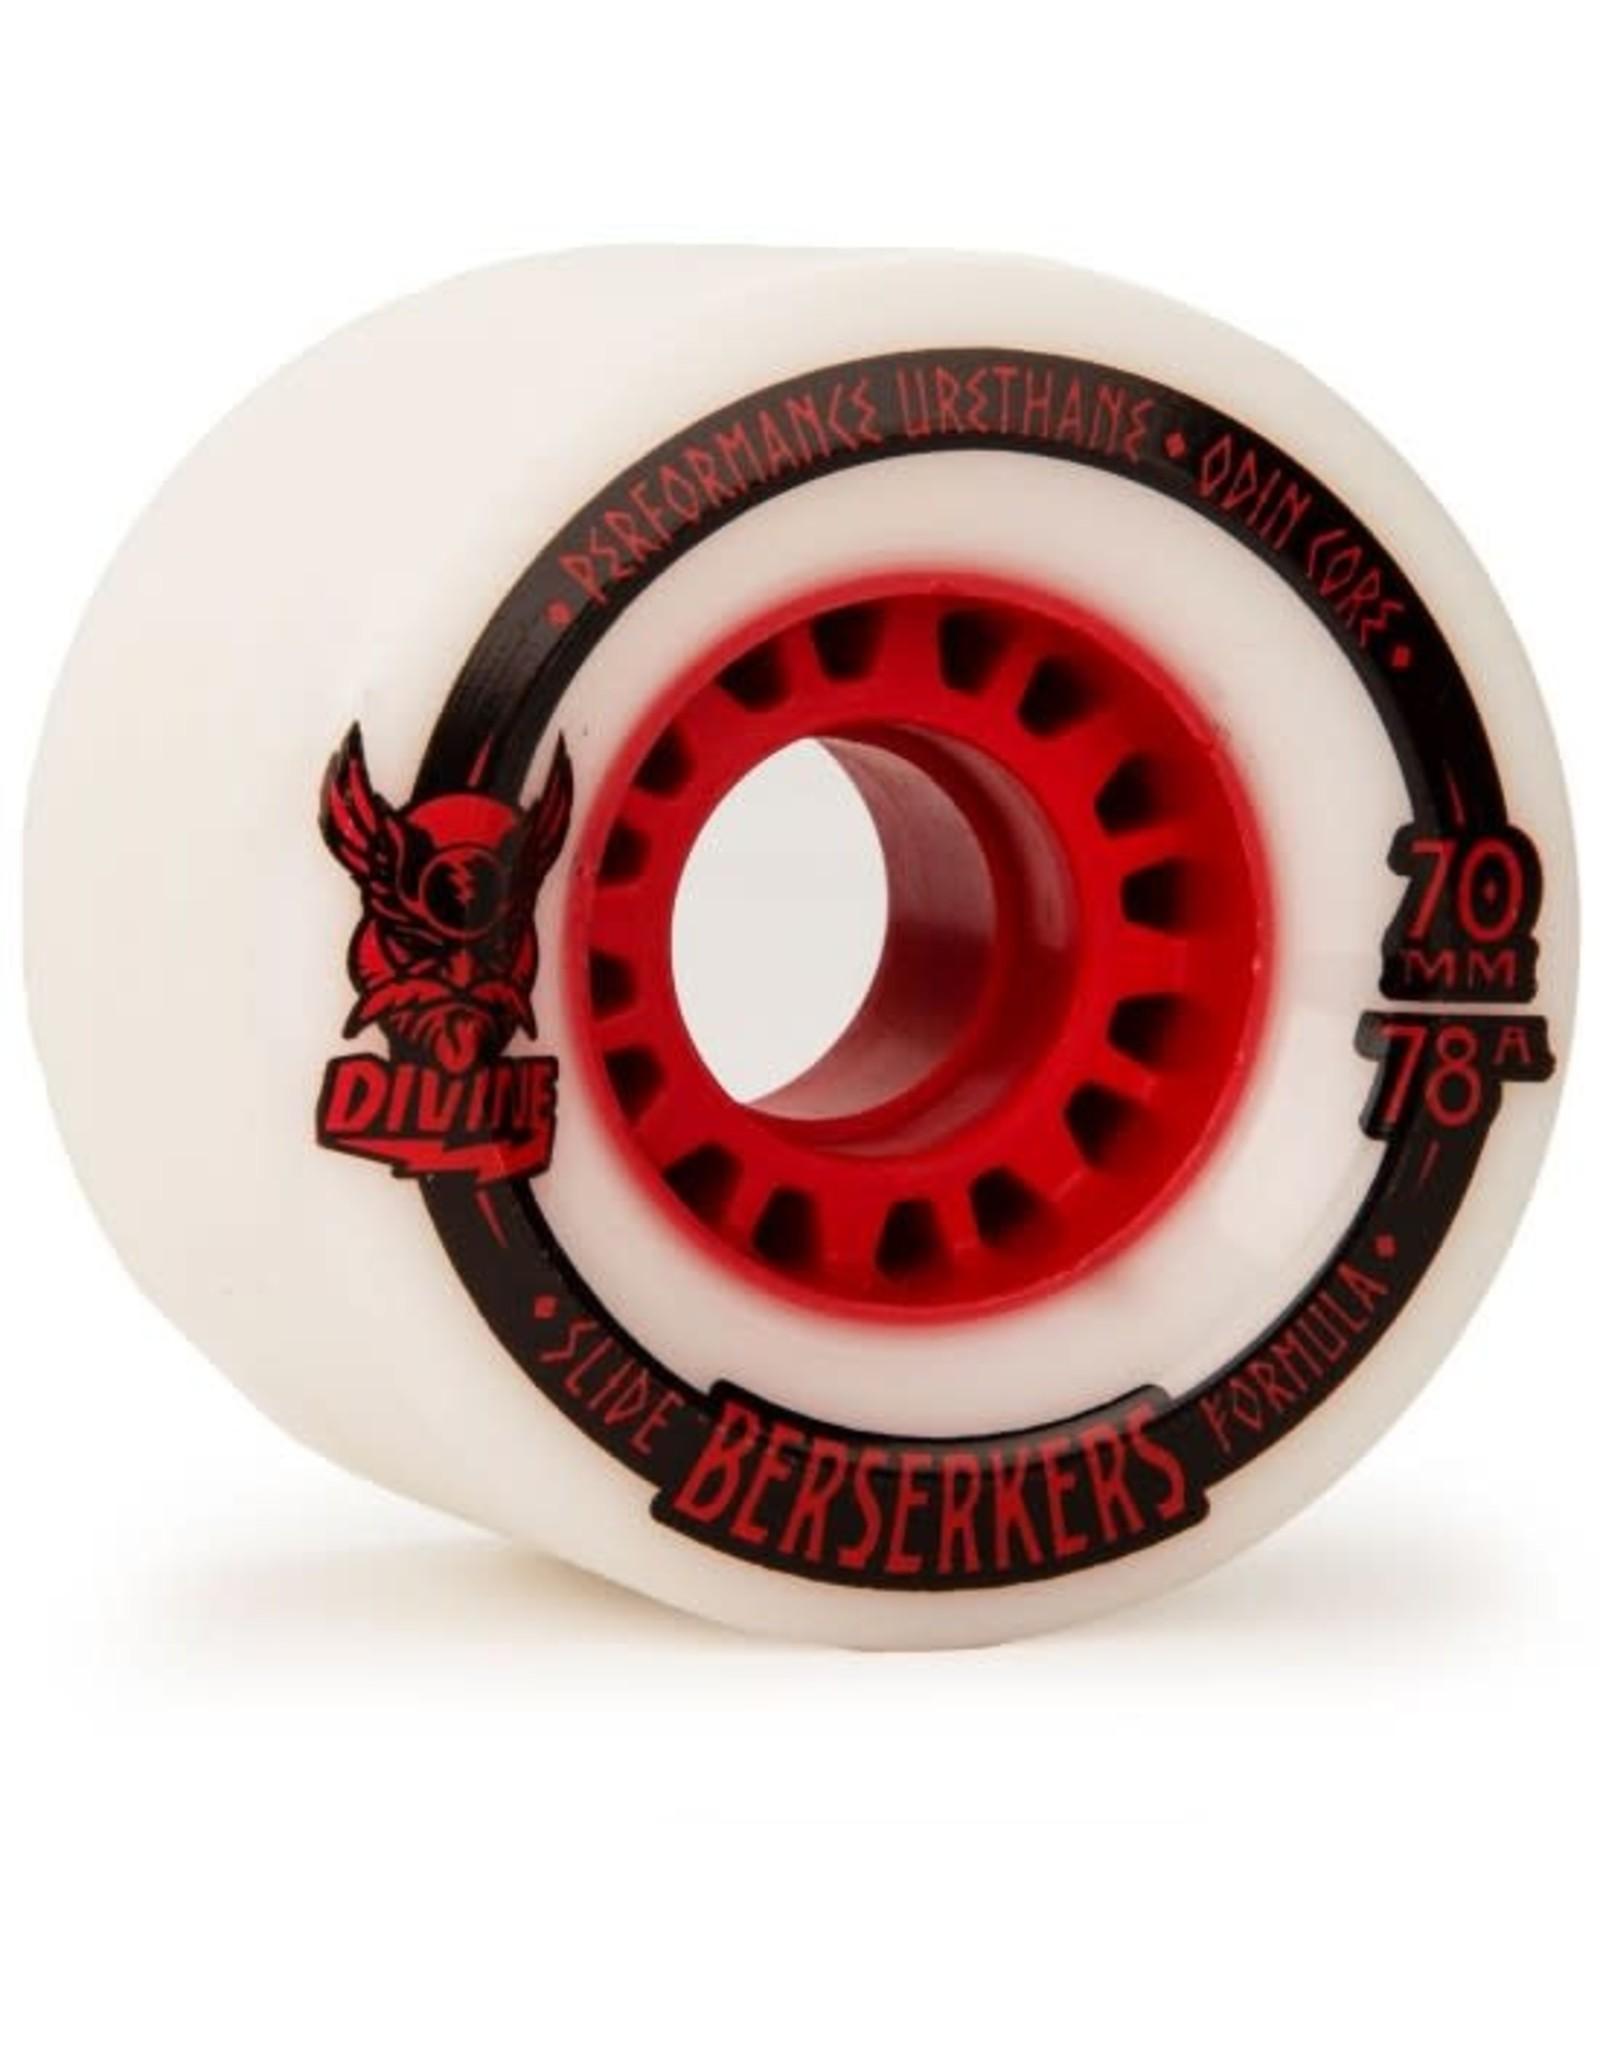 Divine - Roues berserkers rouge 78A